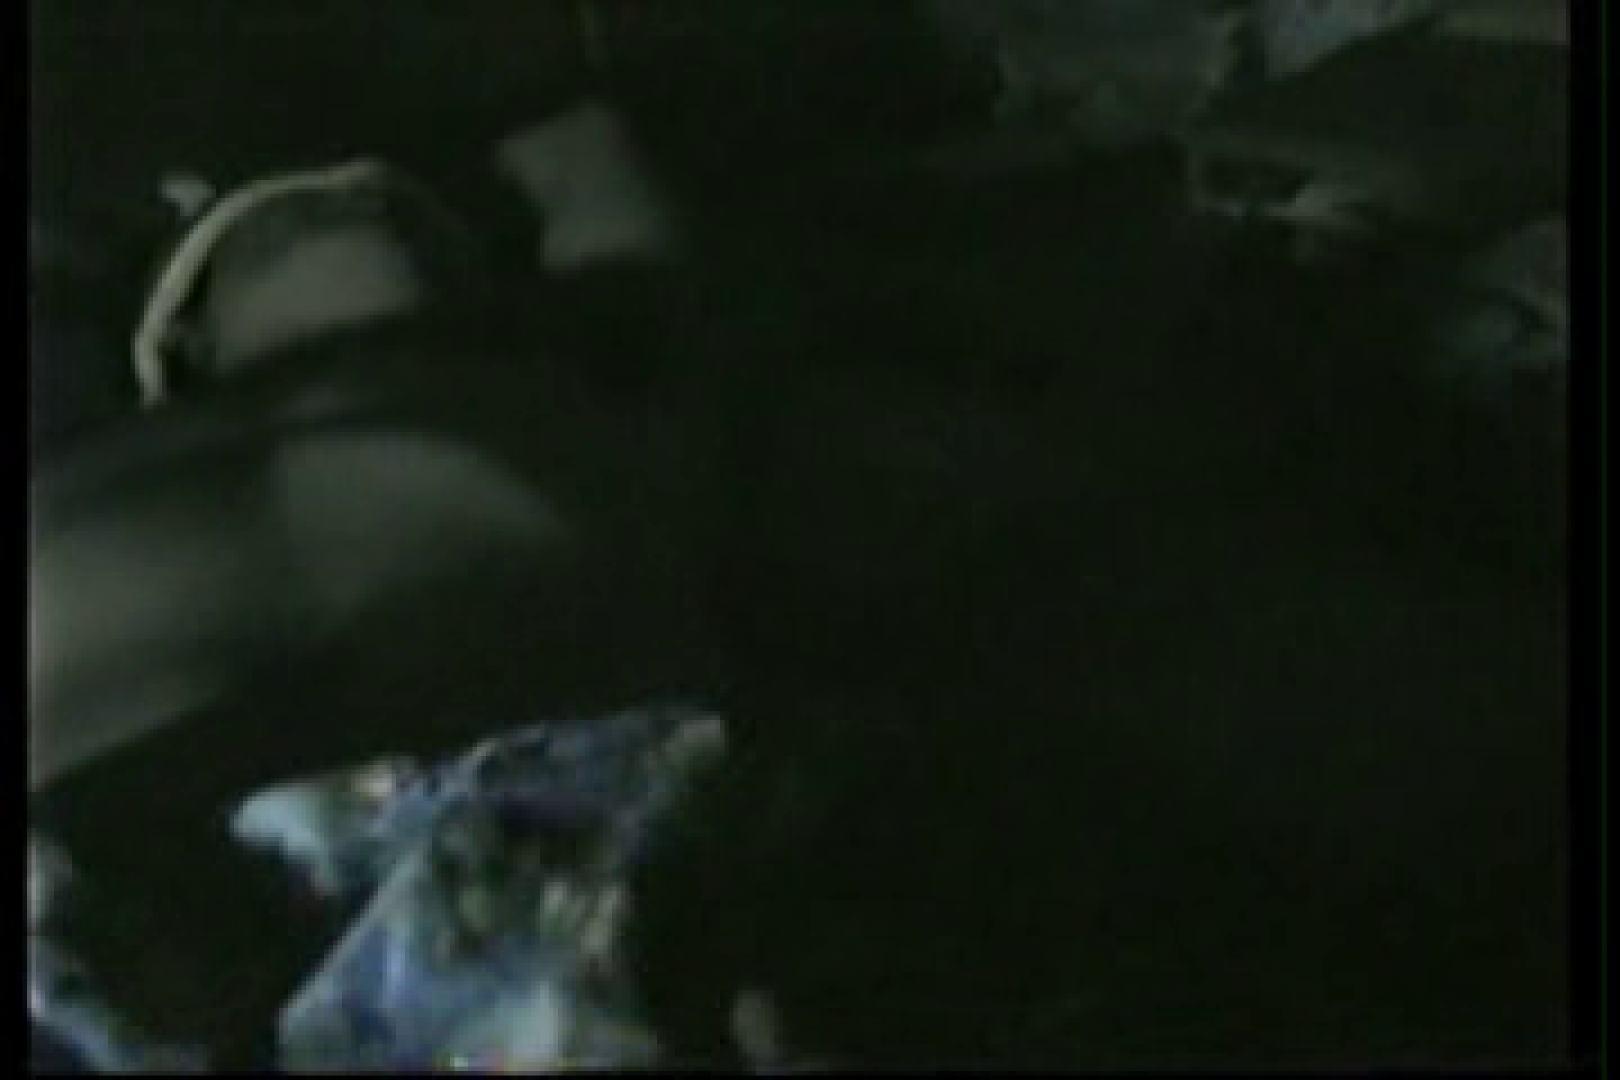 ゲイ アナル|【実録個人撮影】男の子達の禁断の愛欲性活!!vol.02(対女性アナル責め)|アナル舐め